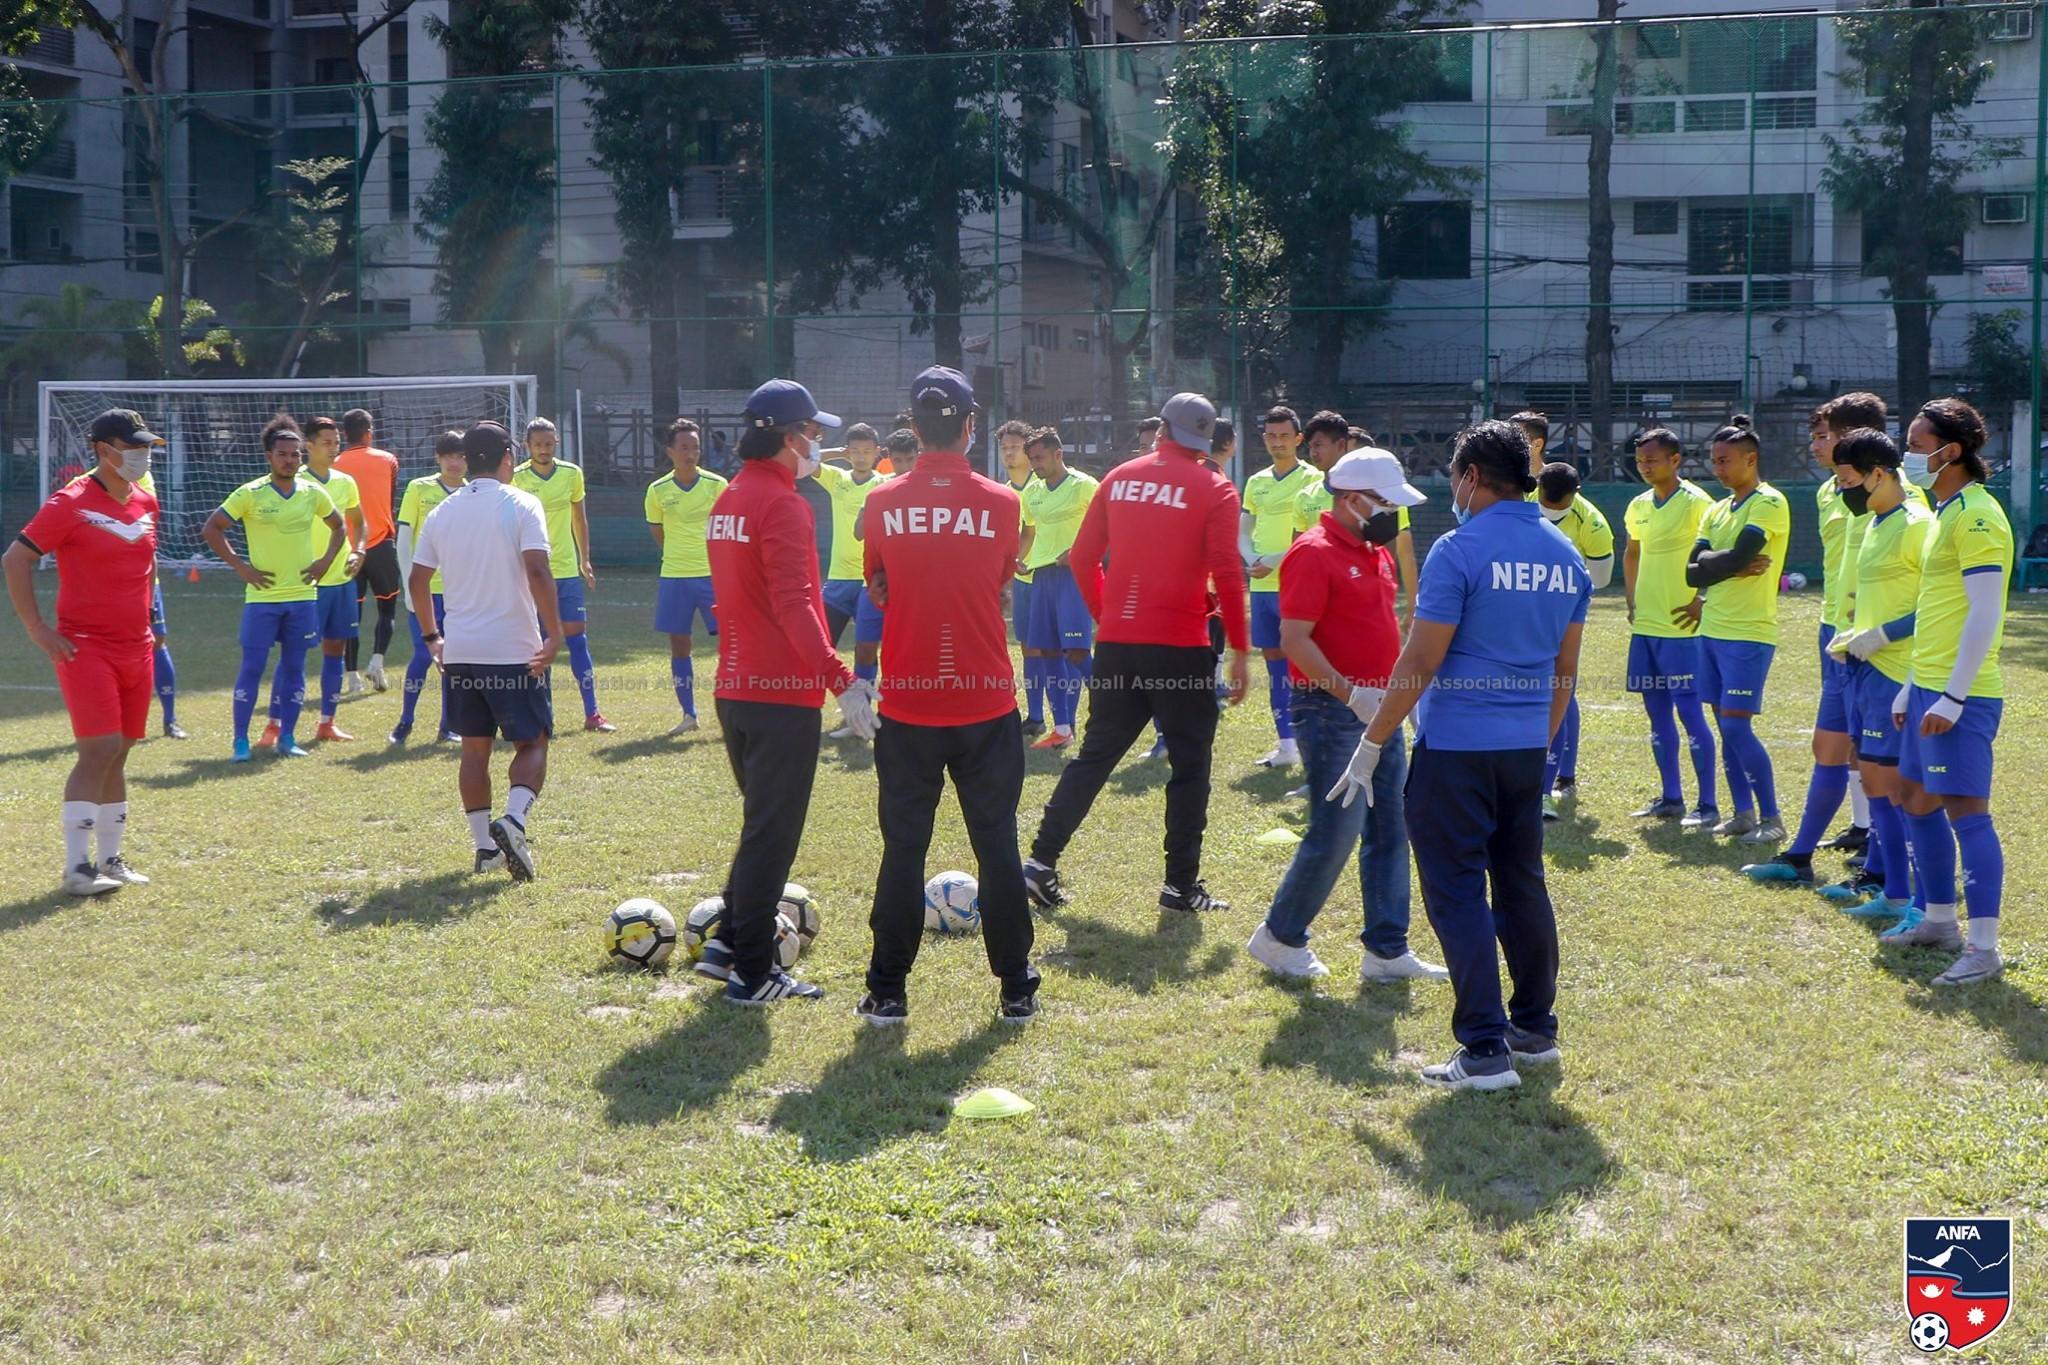 बङगलादेश पुगेका नेपाली फुटबल खेलाडी पहिलोपटक मैदानमा (फोटो फिचर)